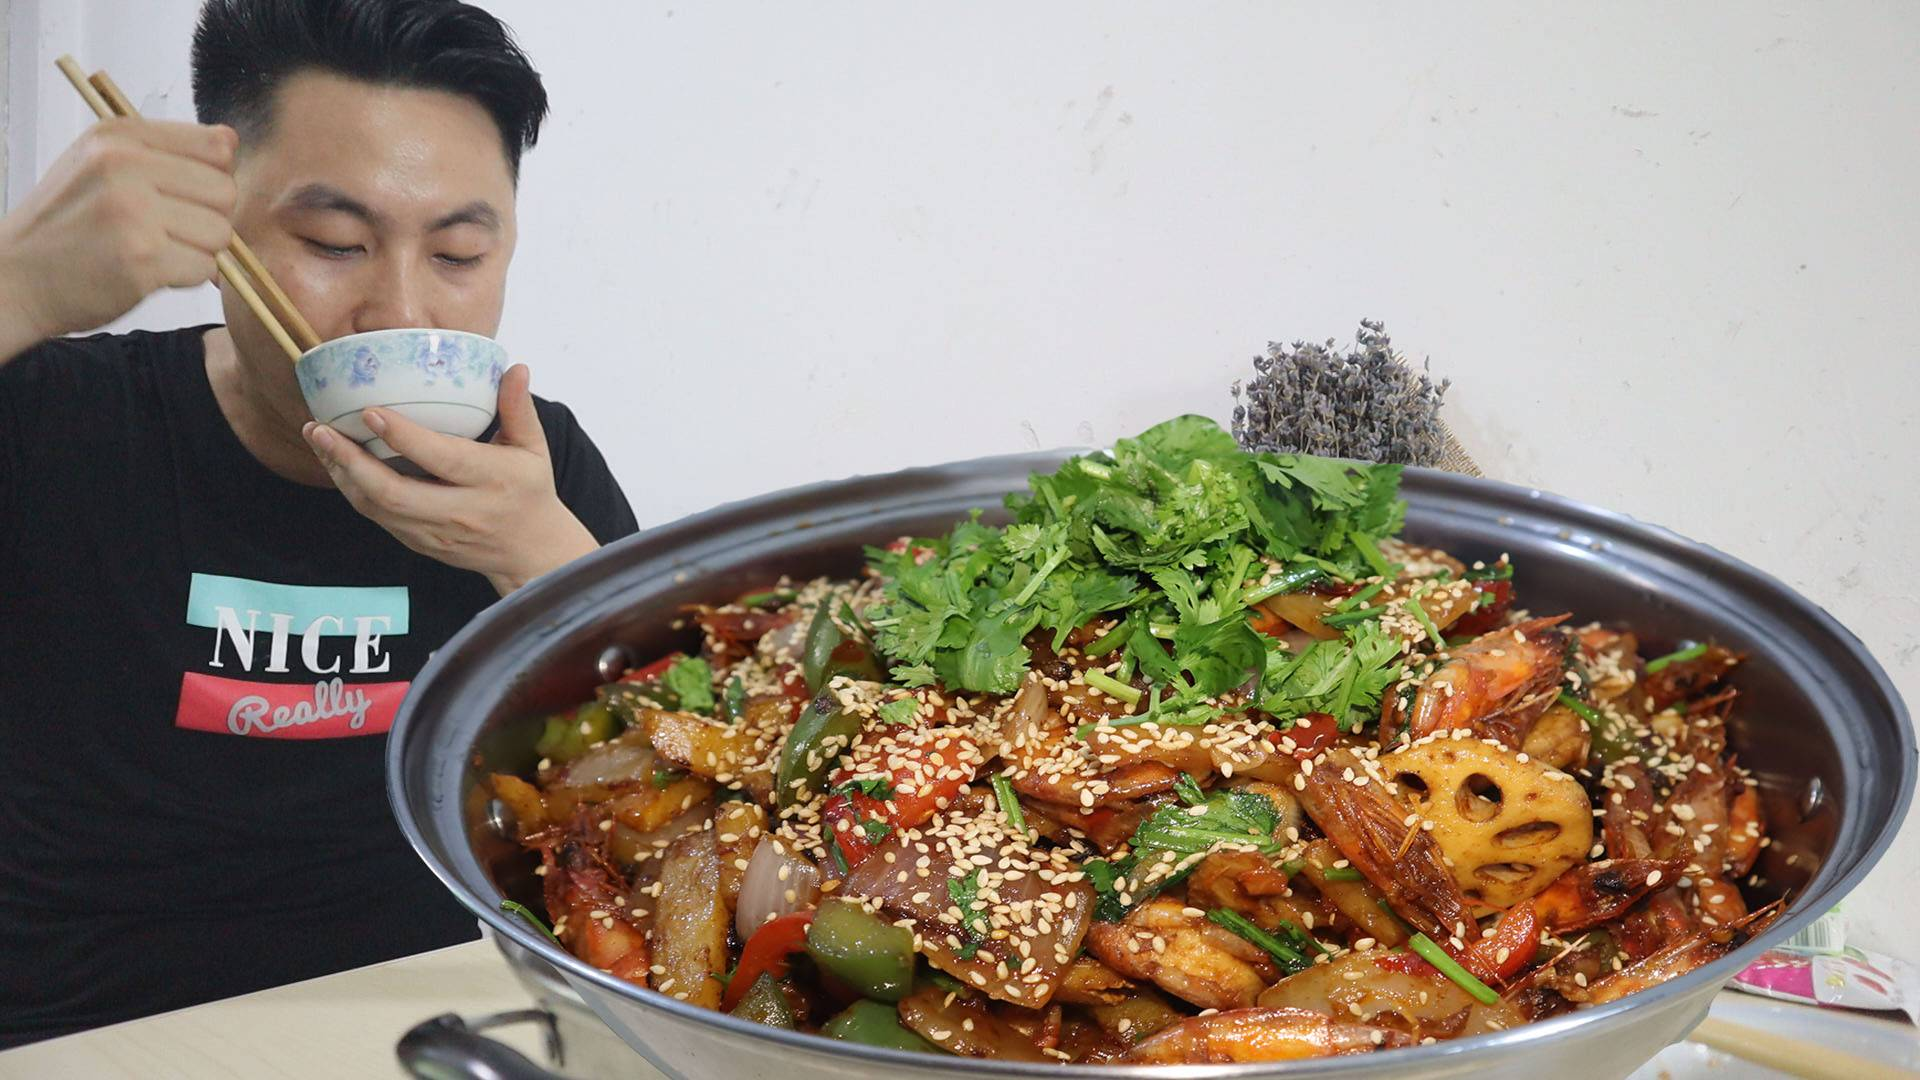 很久没吃干锅了,今天来做干锅虾,两斤虾加菜弄了一大锅,吃爽了